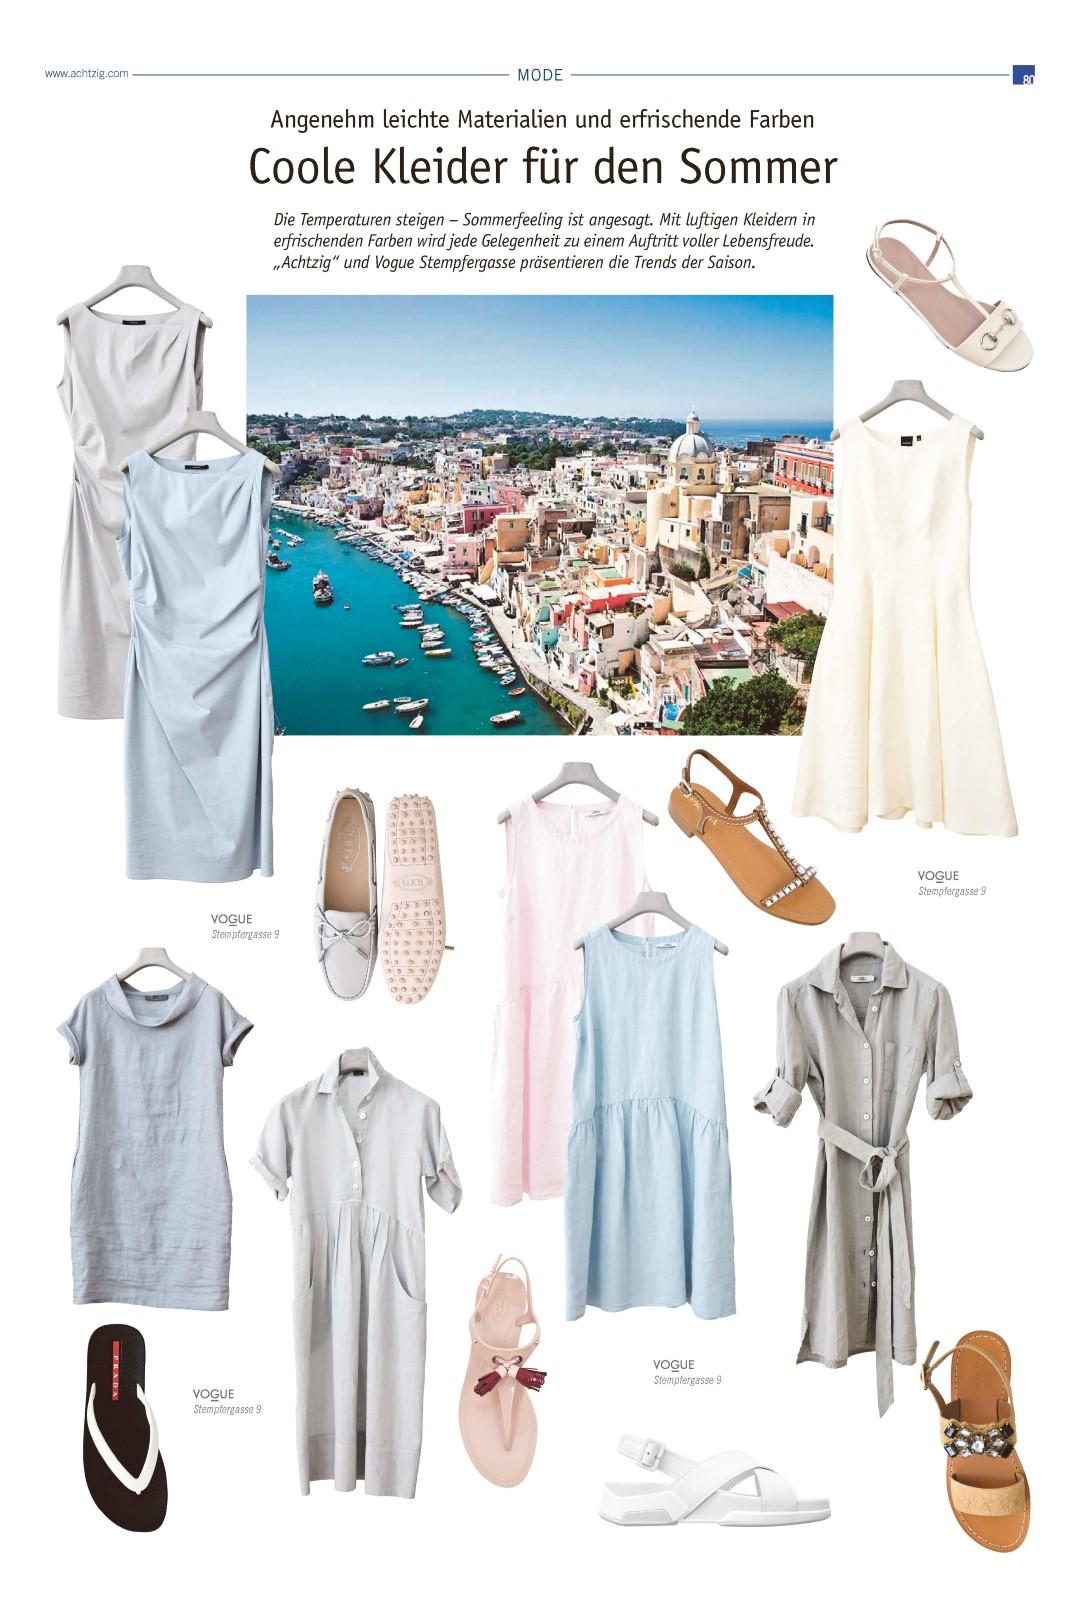 Coole Kleider für den Sommer  Kulturzeitung 10